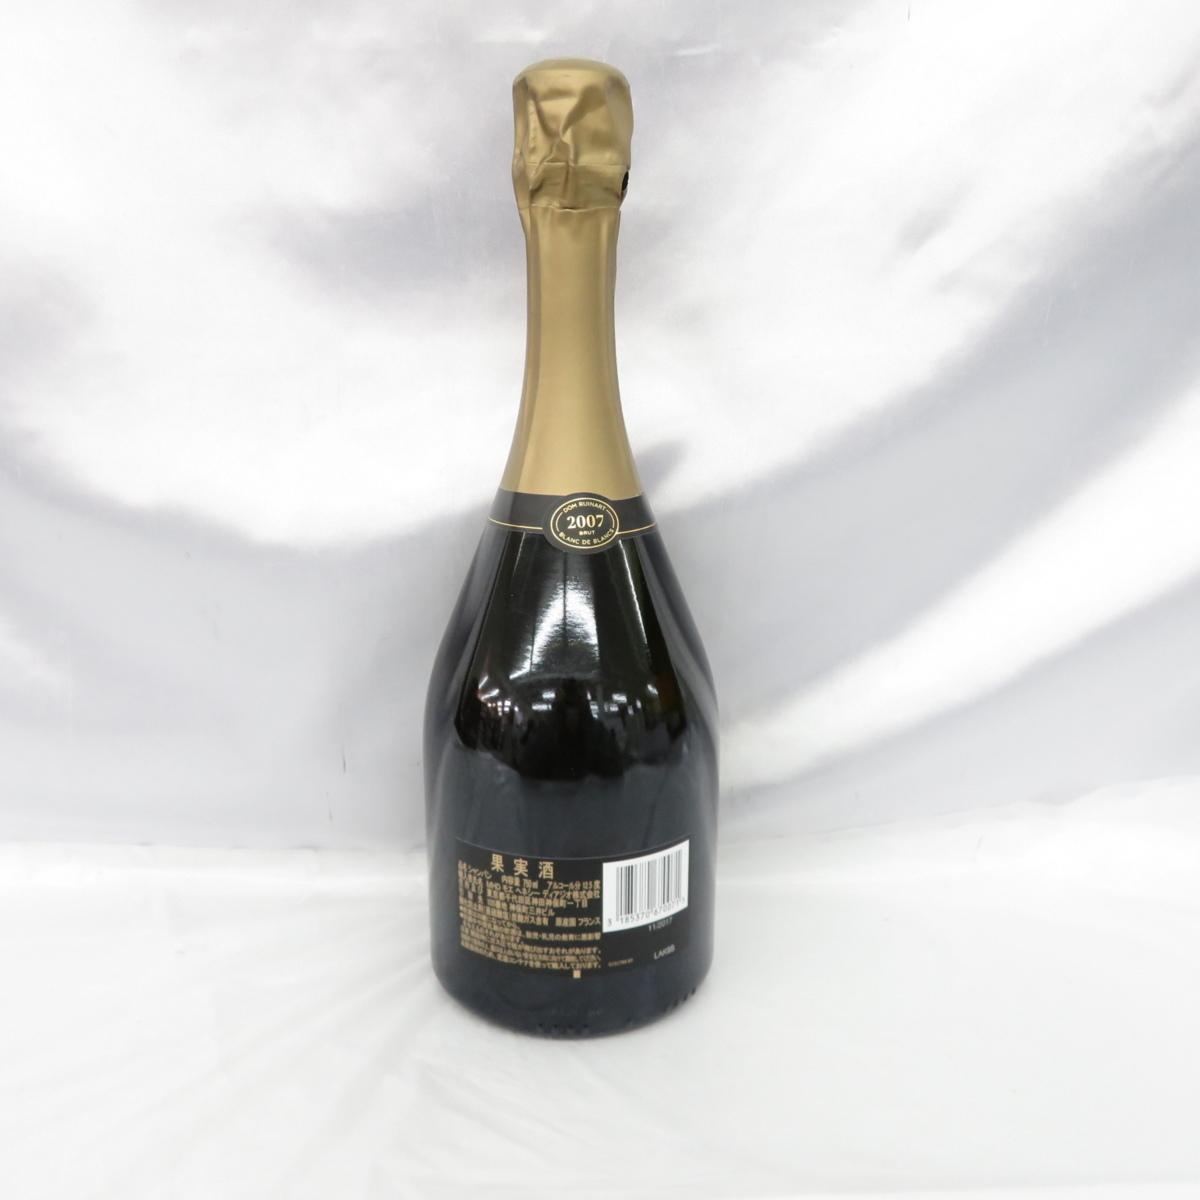 シャンパン ルイナール